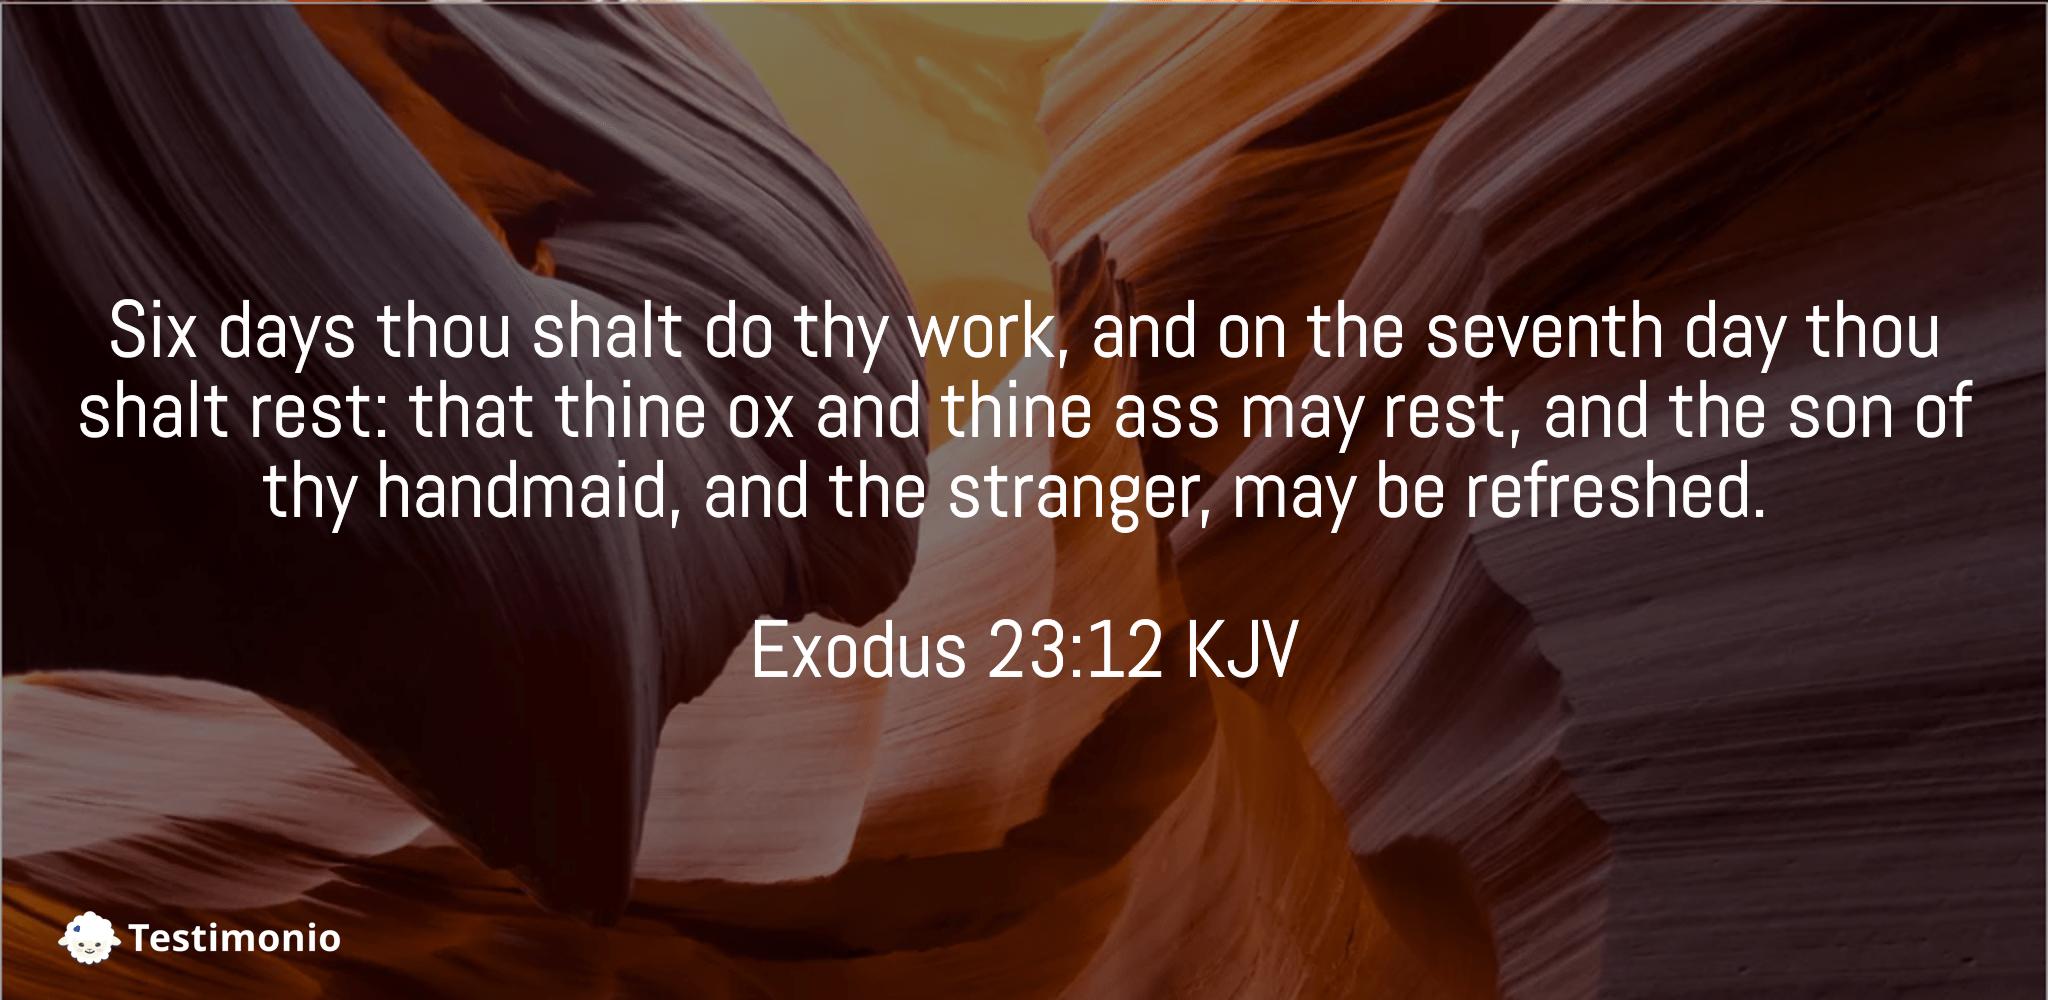 Exodus 23:12